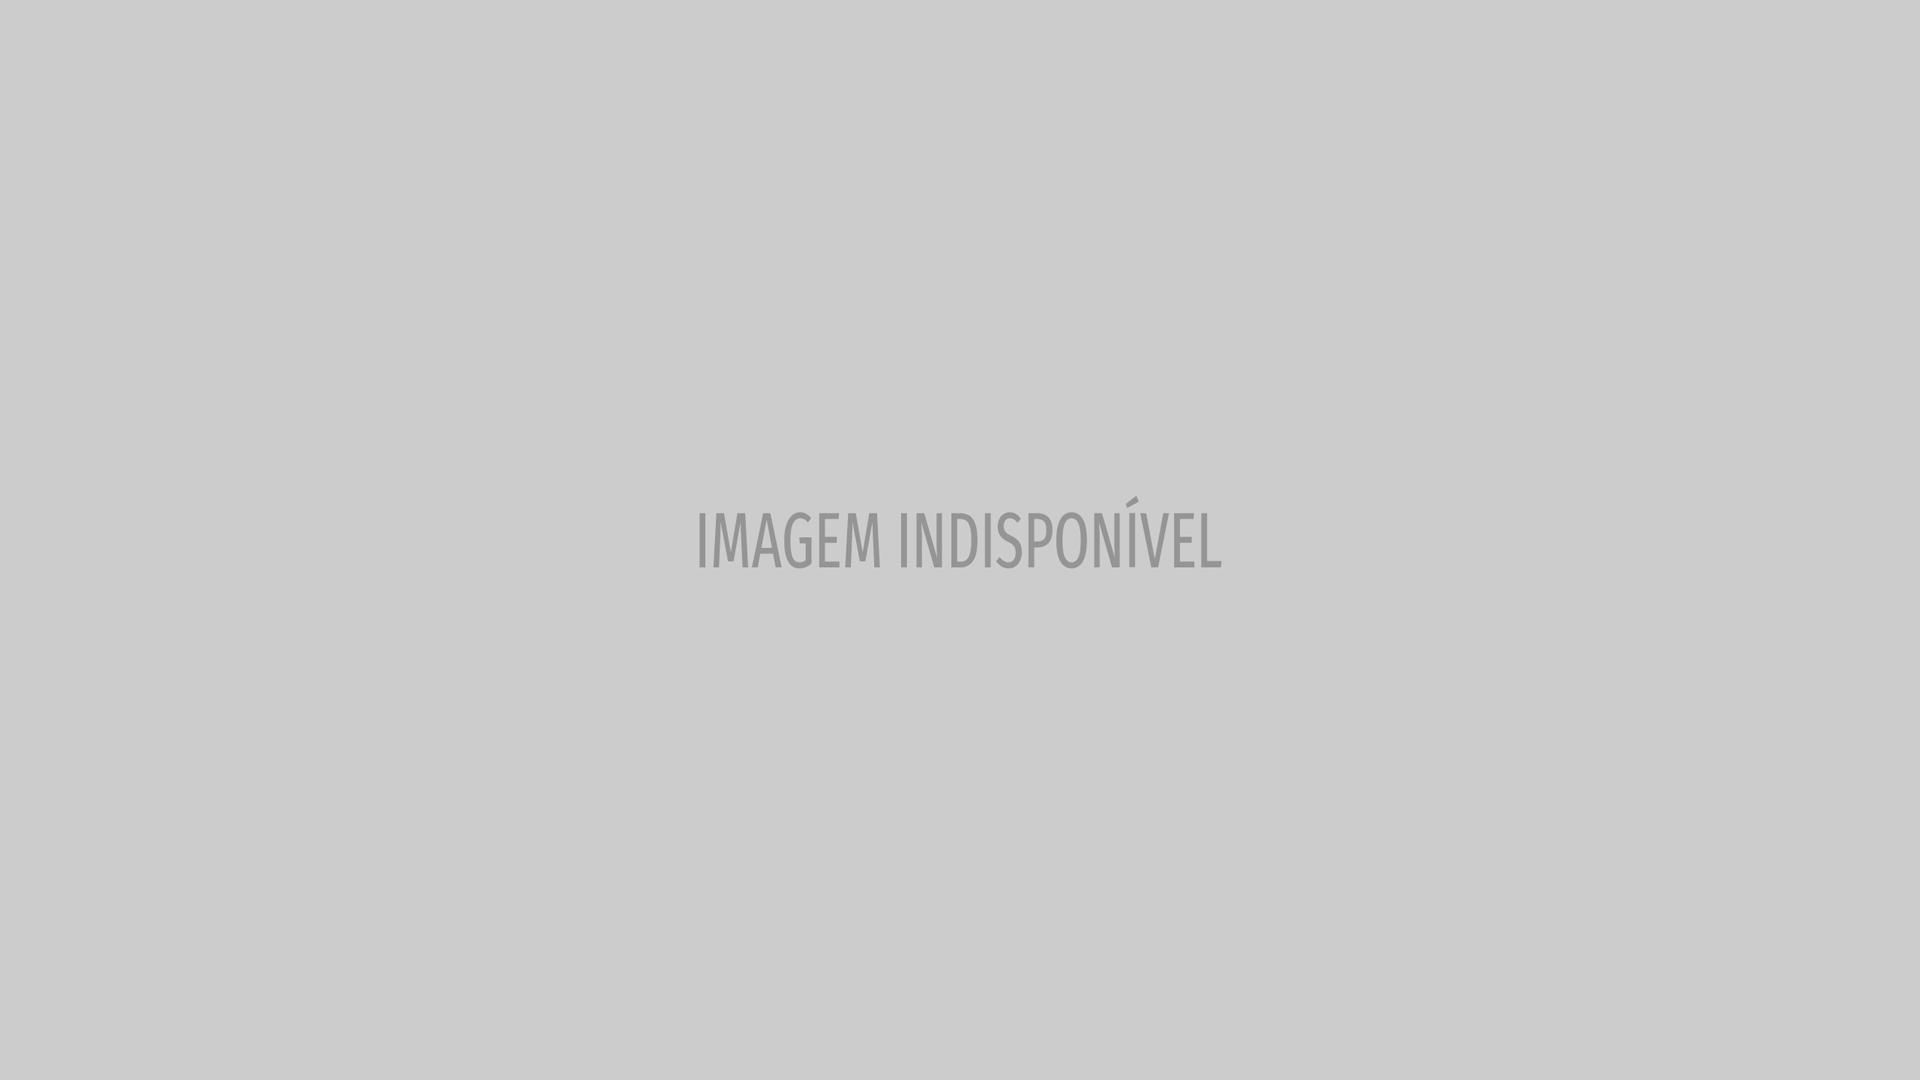 Chay Suede e Laura Neiva terminam relação a cinco meses do casamento